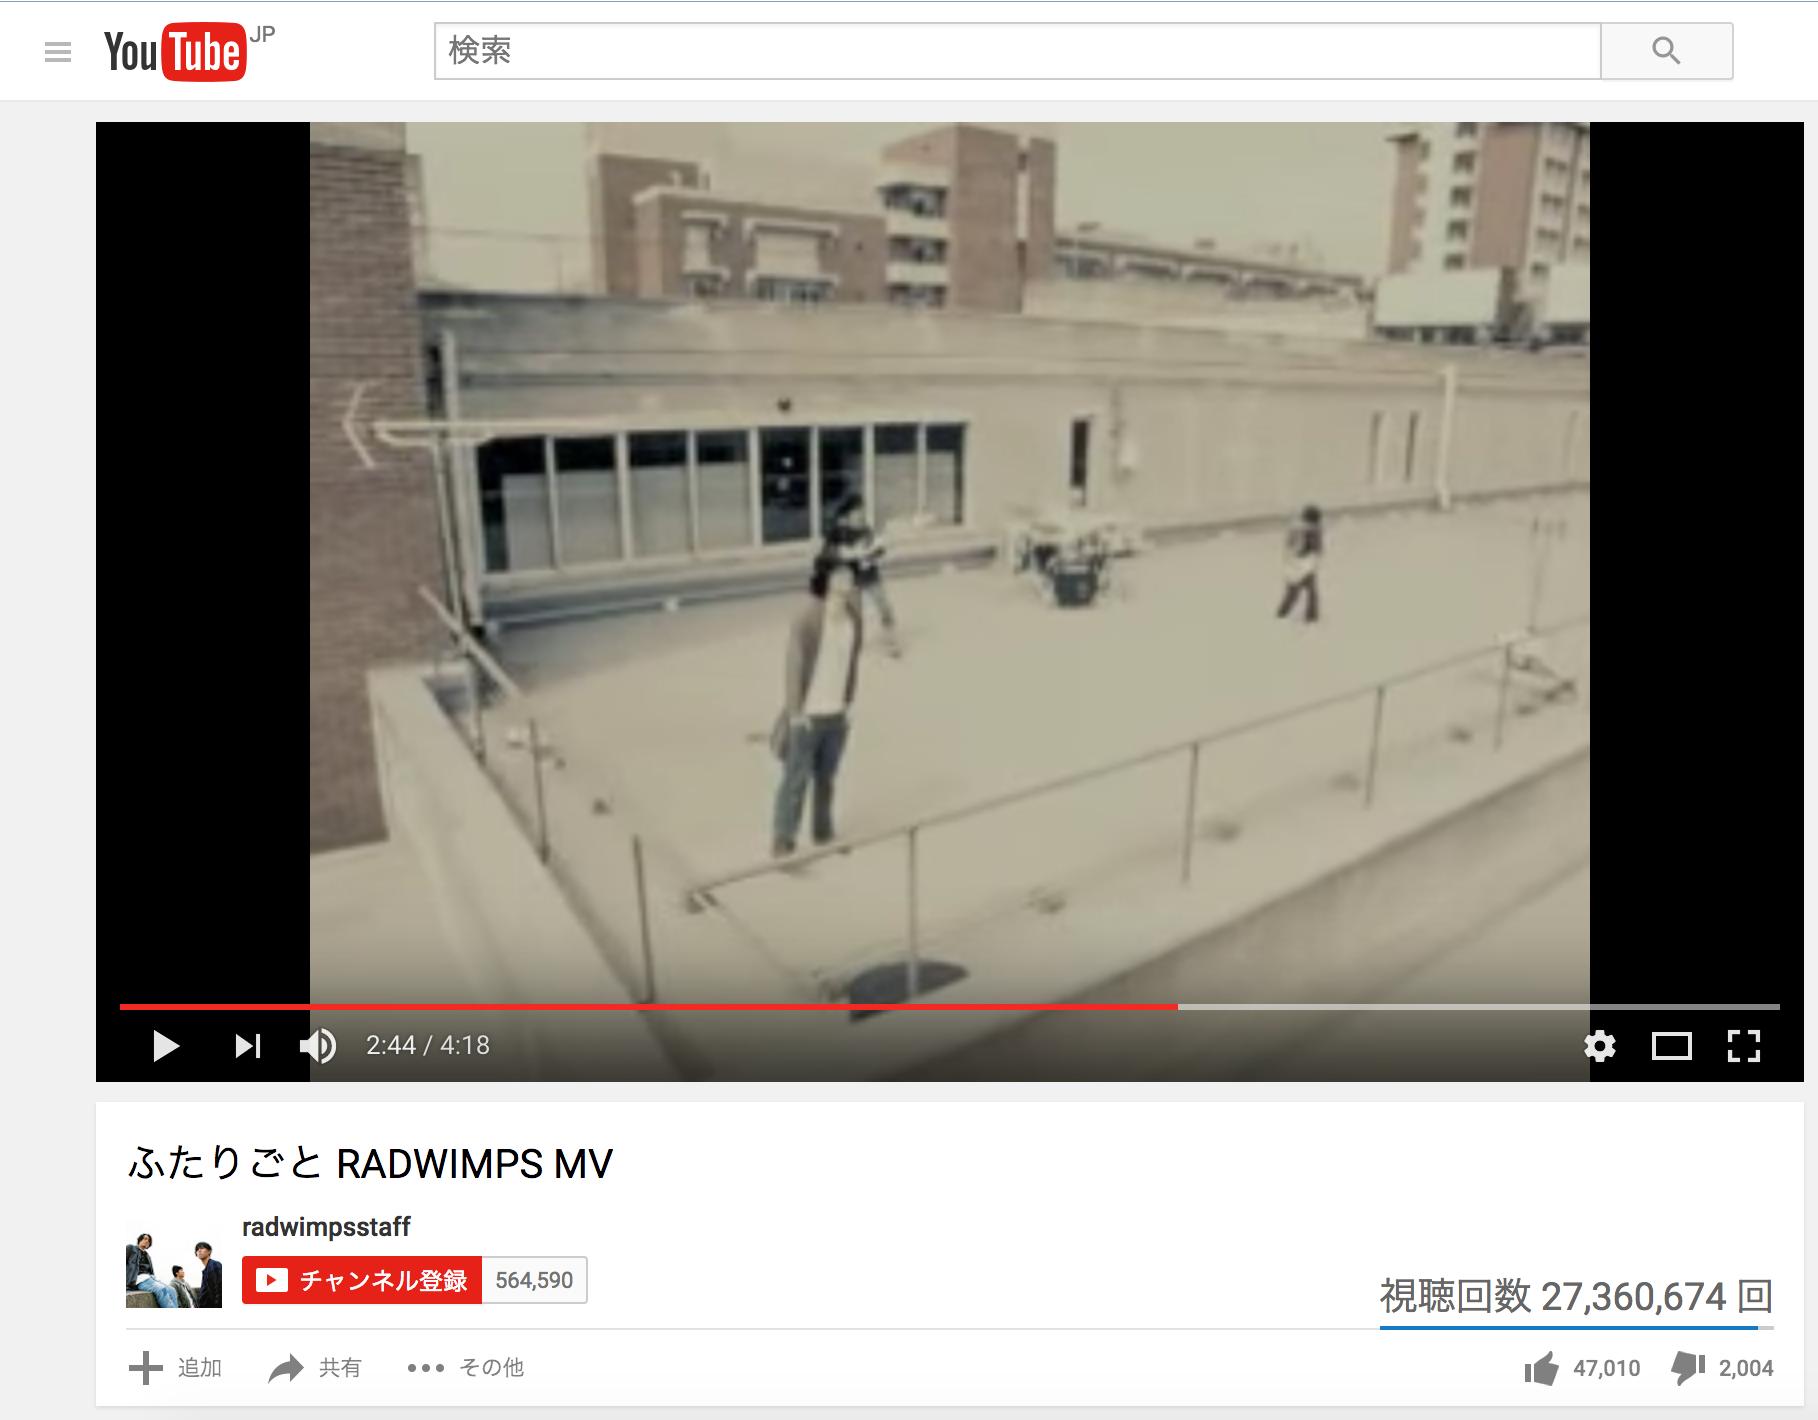 コラム【ピュアソング:22歳】ふたりごと by RADWIMPS